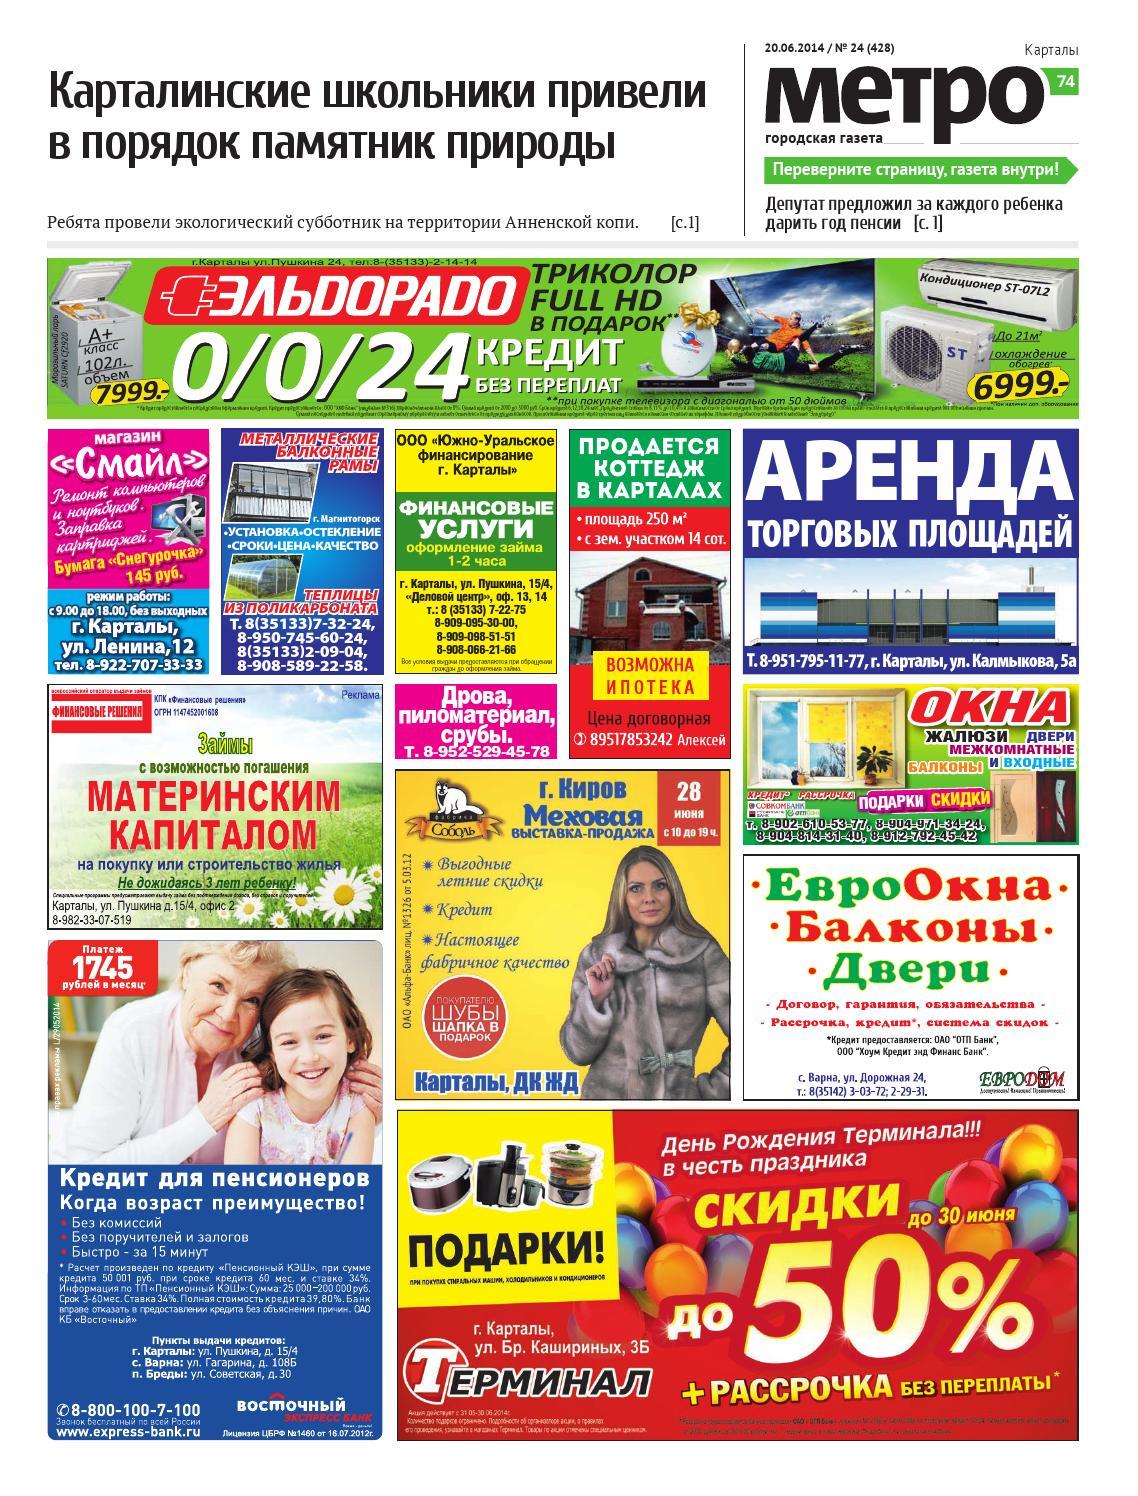 Модели онлайн карталы работа в москве девушке администратором